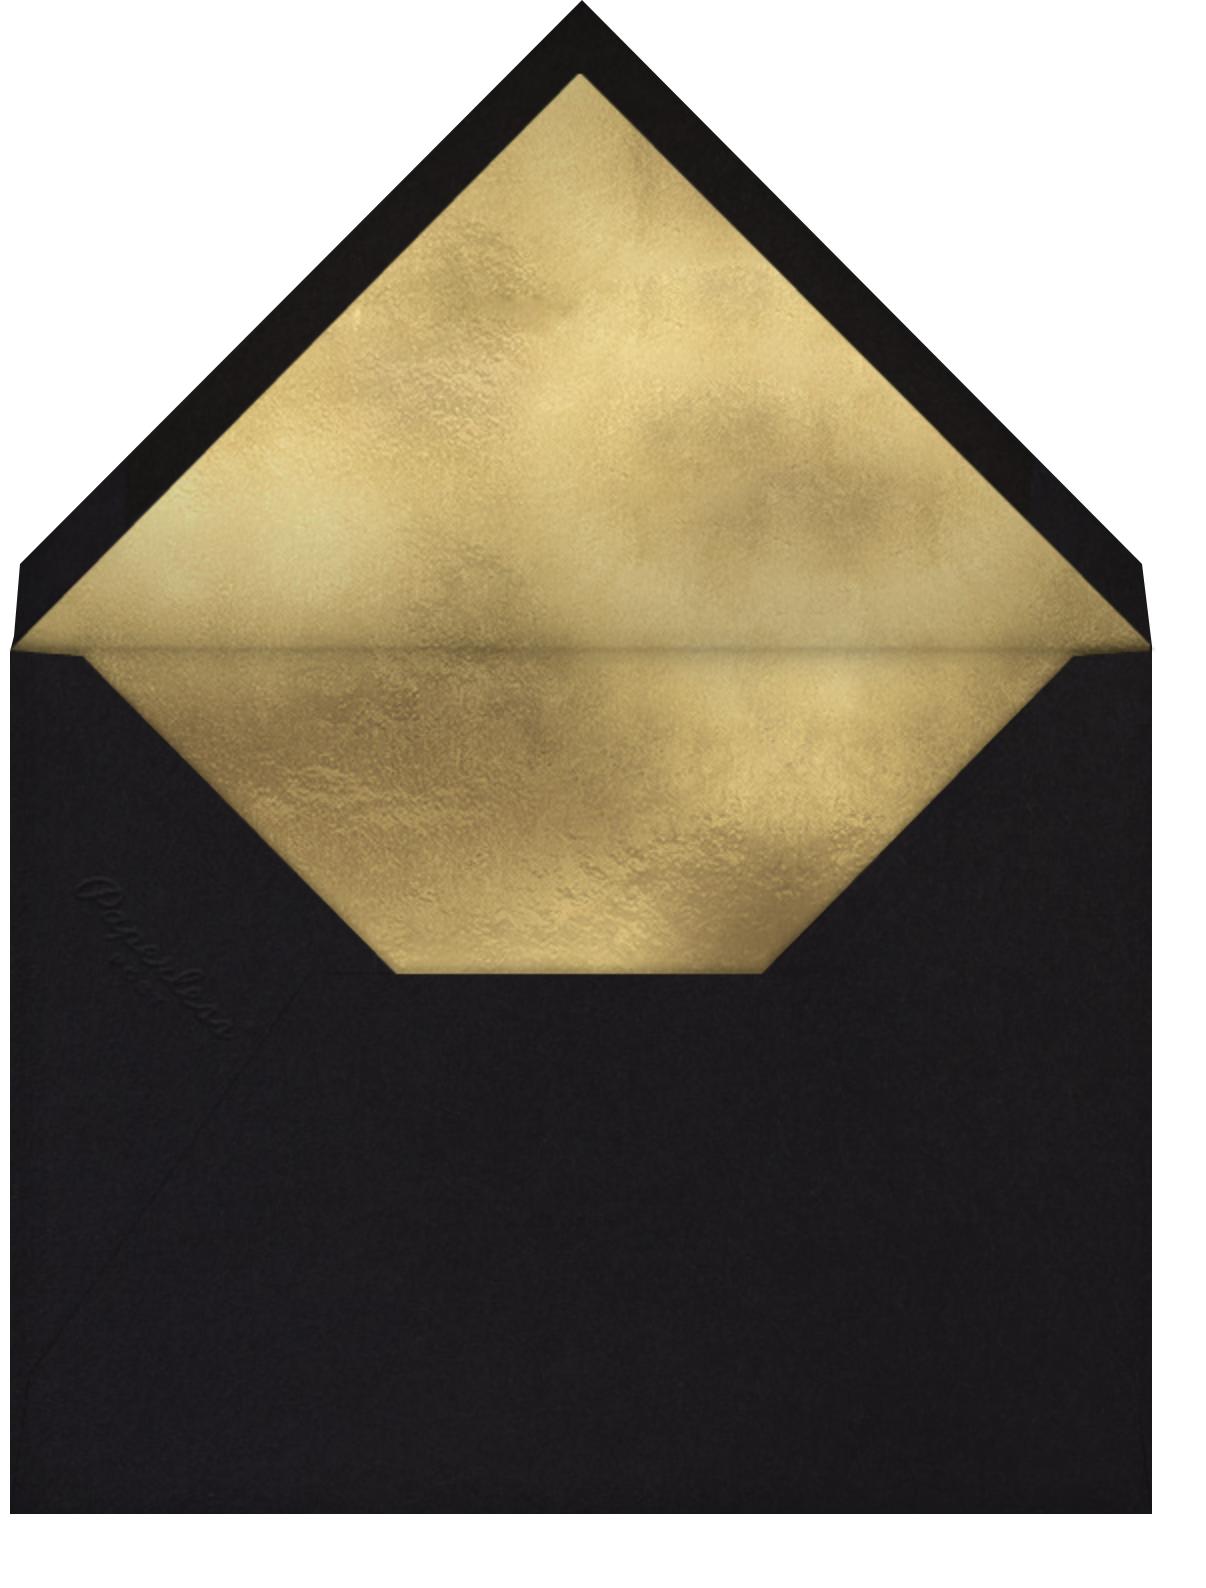 Royal Botanical - Black - Oscar de la Renta - Envelope